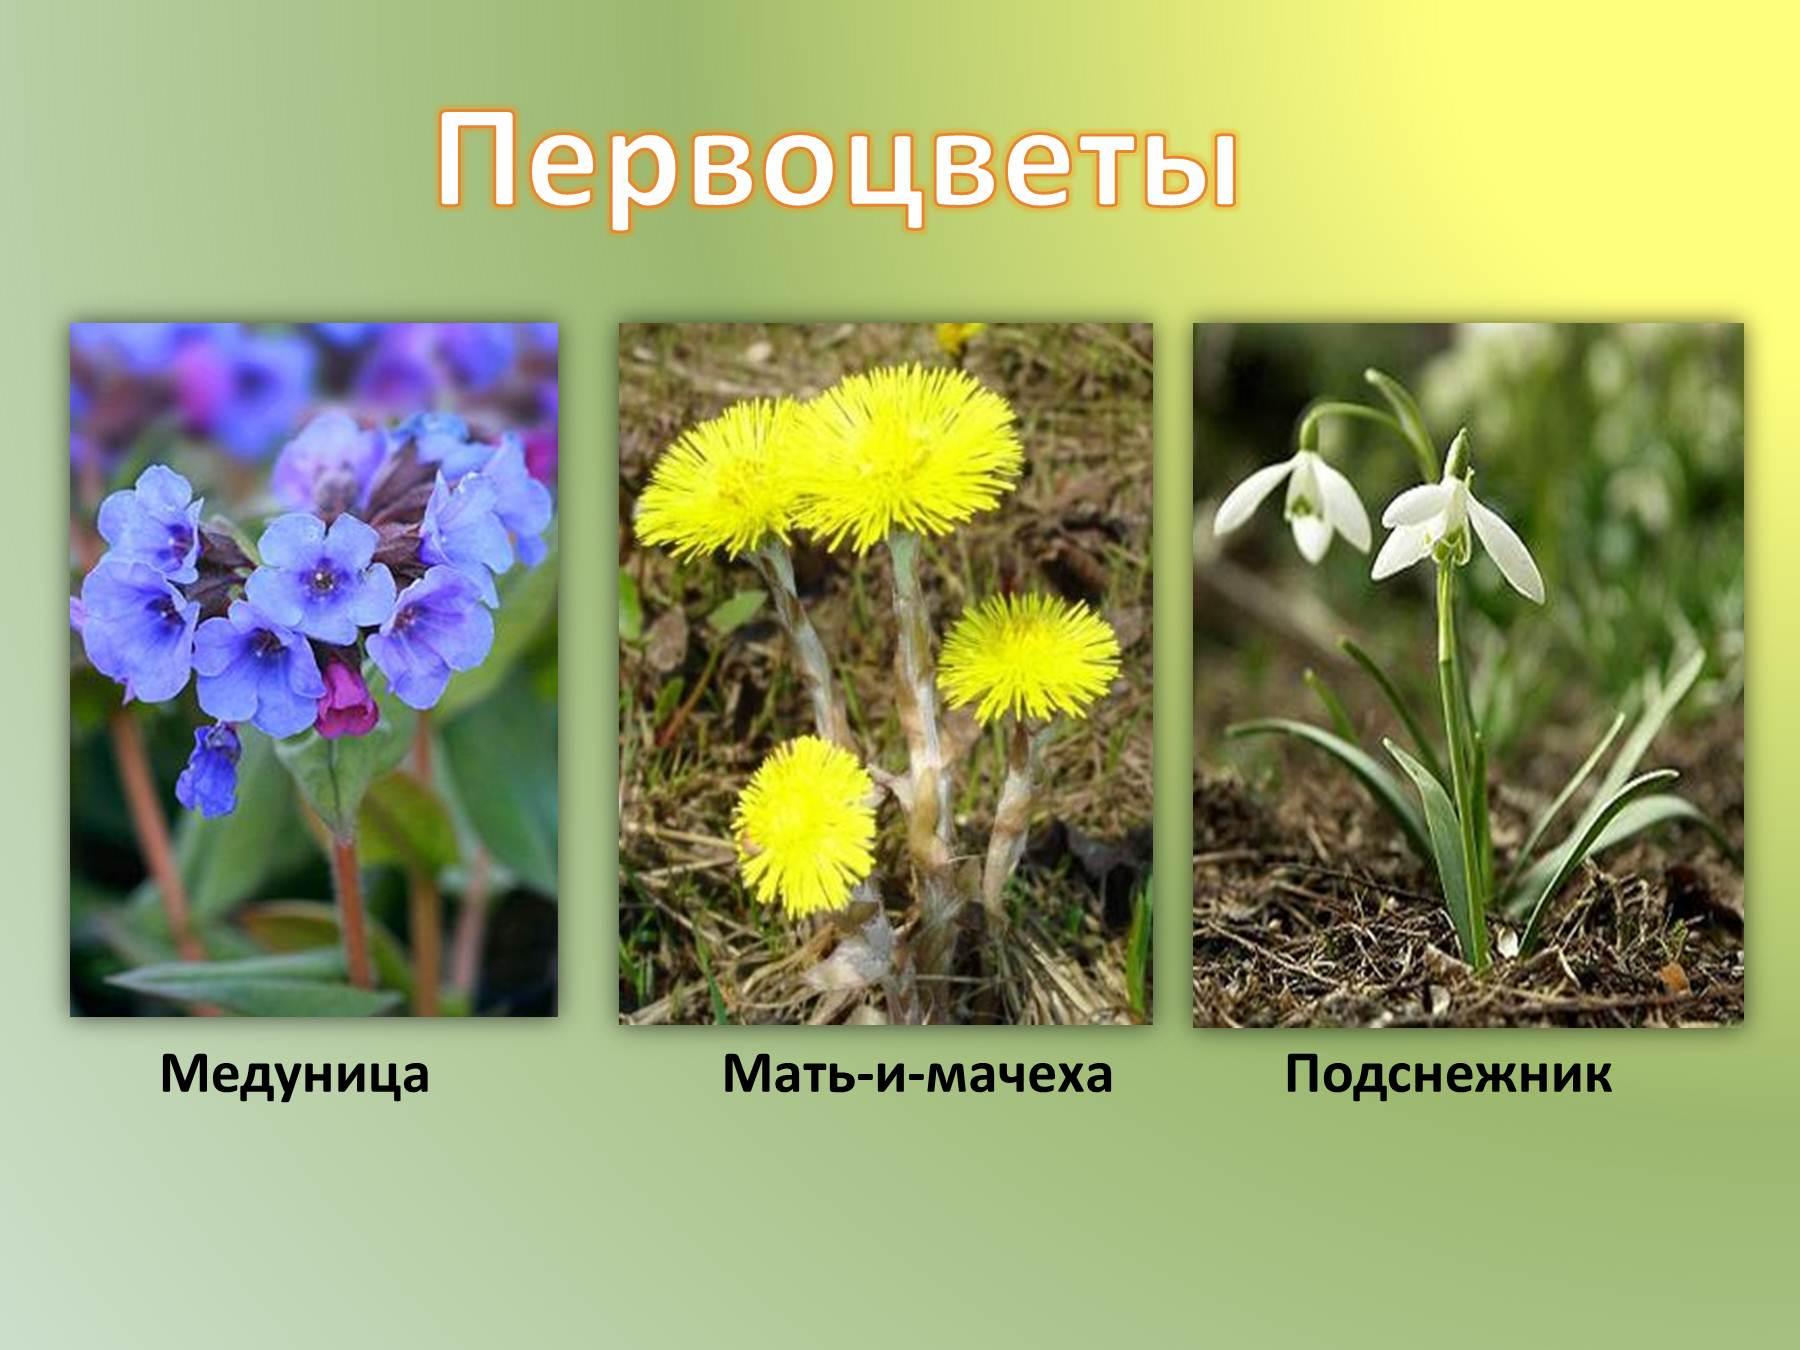 Медуница: виды, состав, свойства, применение, противопоказания 19